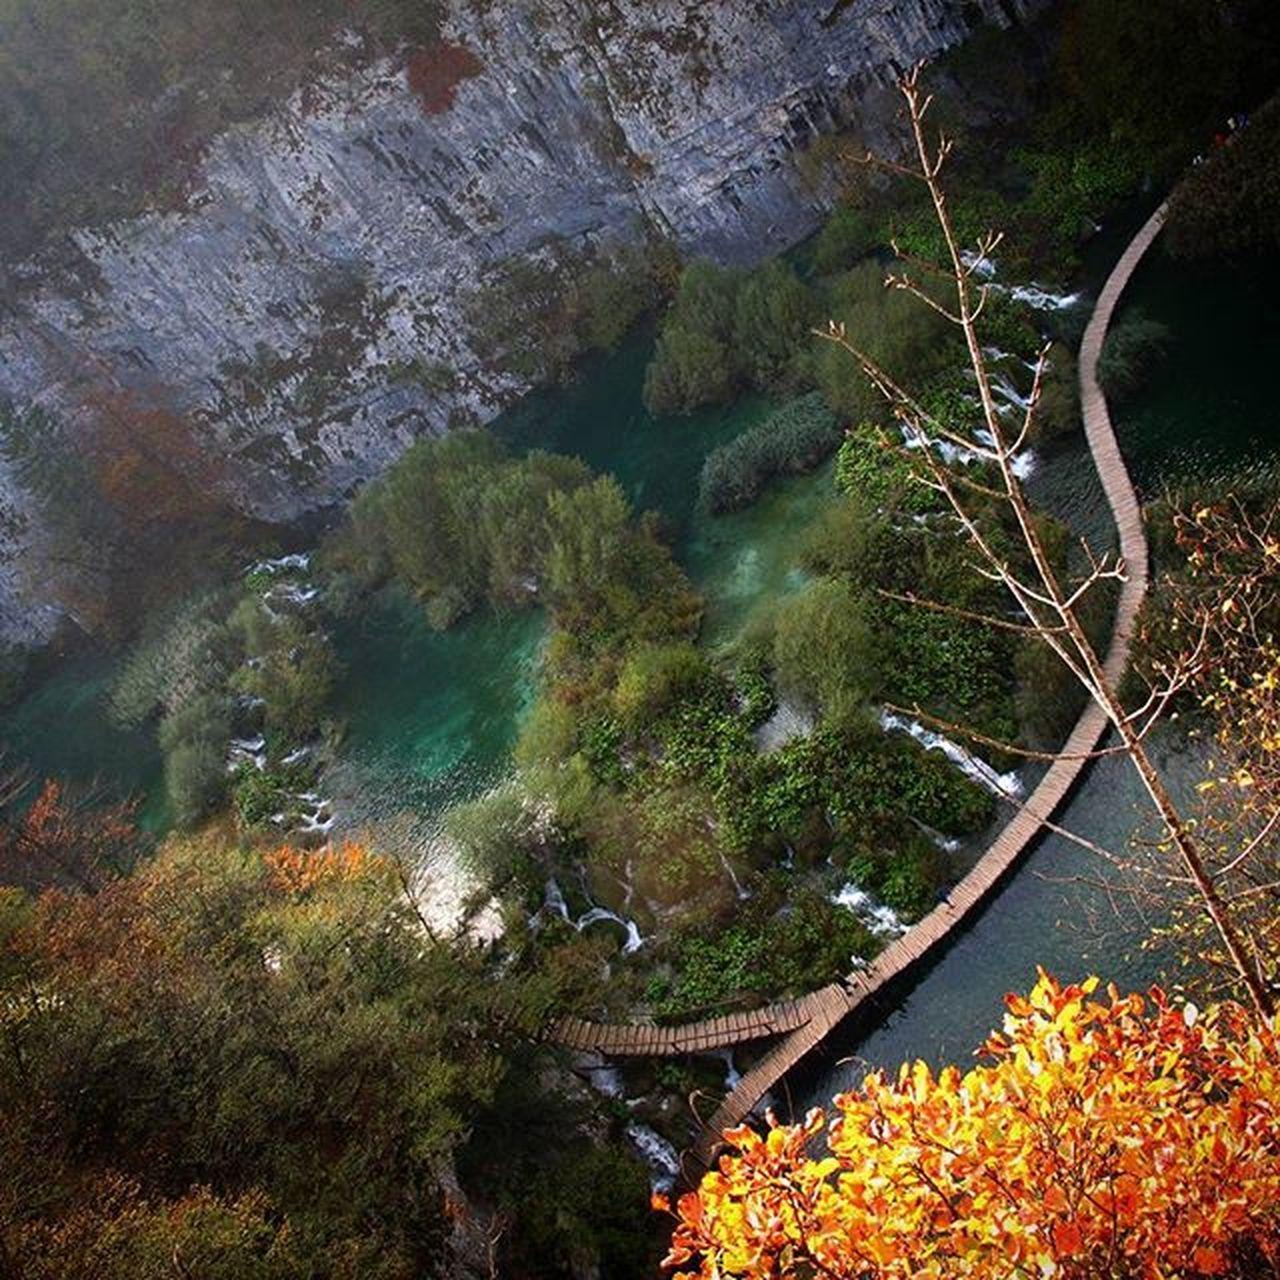 Plitvicelakesnationalpark Desafiocanon40 Traveler Travel Traveling